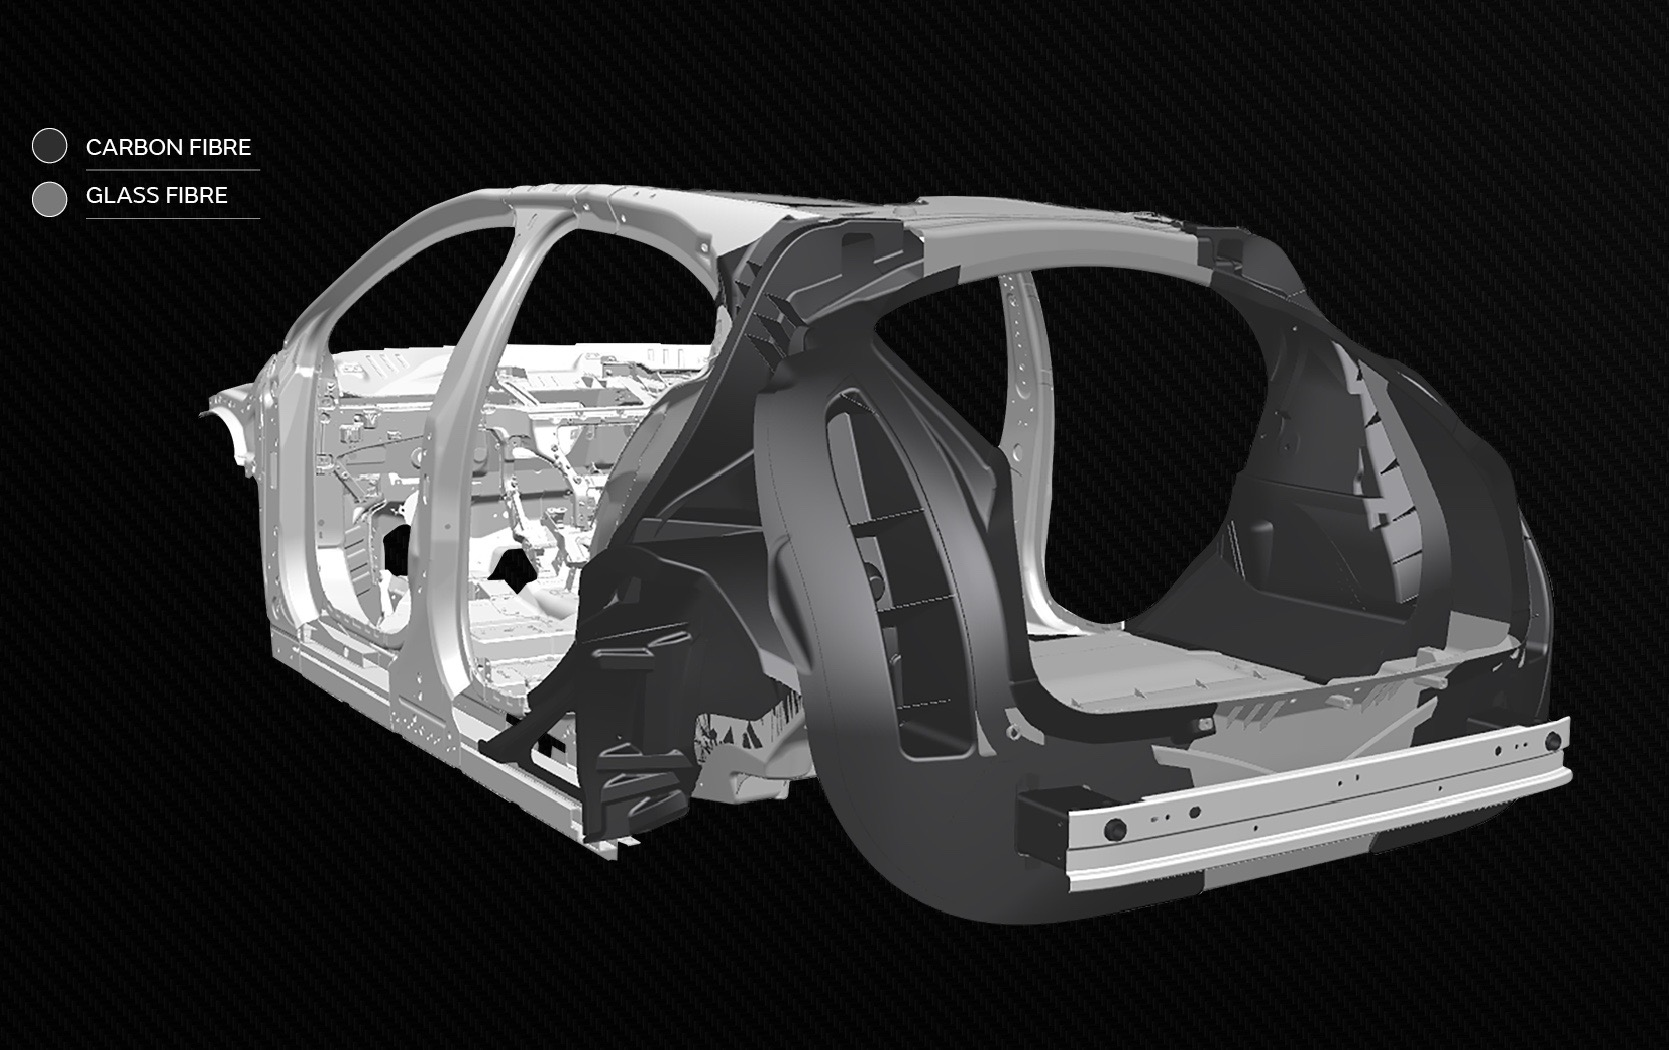 Jaguar Land Rover announces advanced composites project